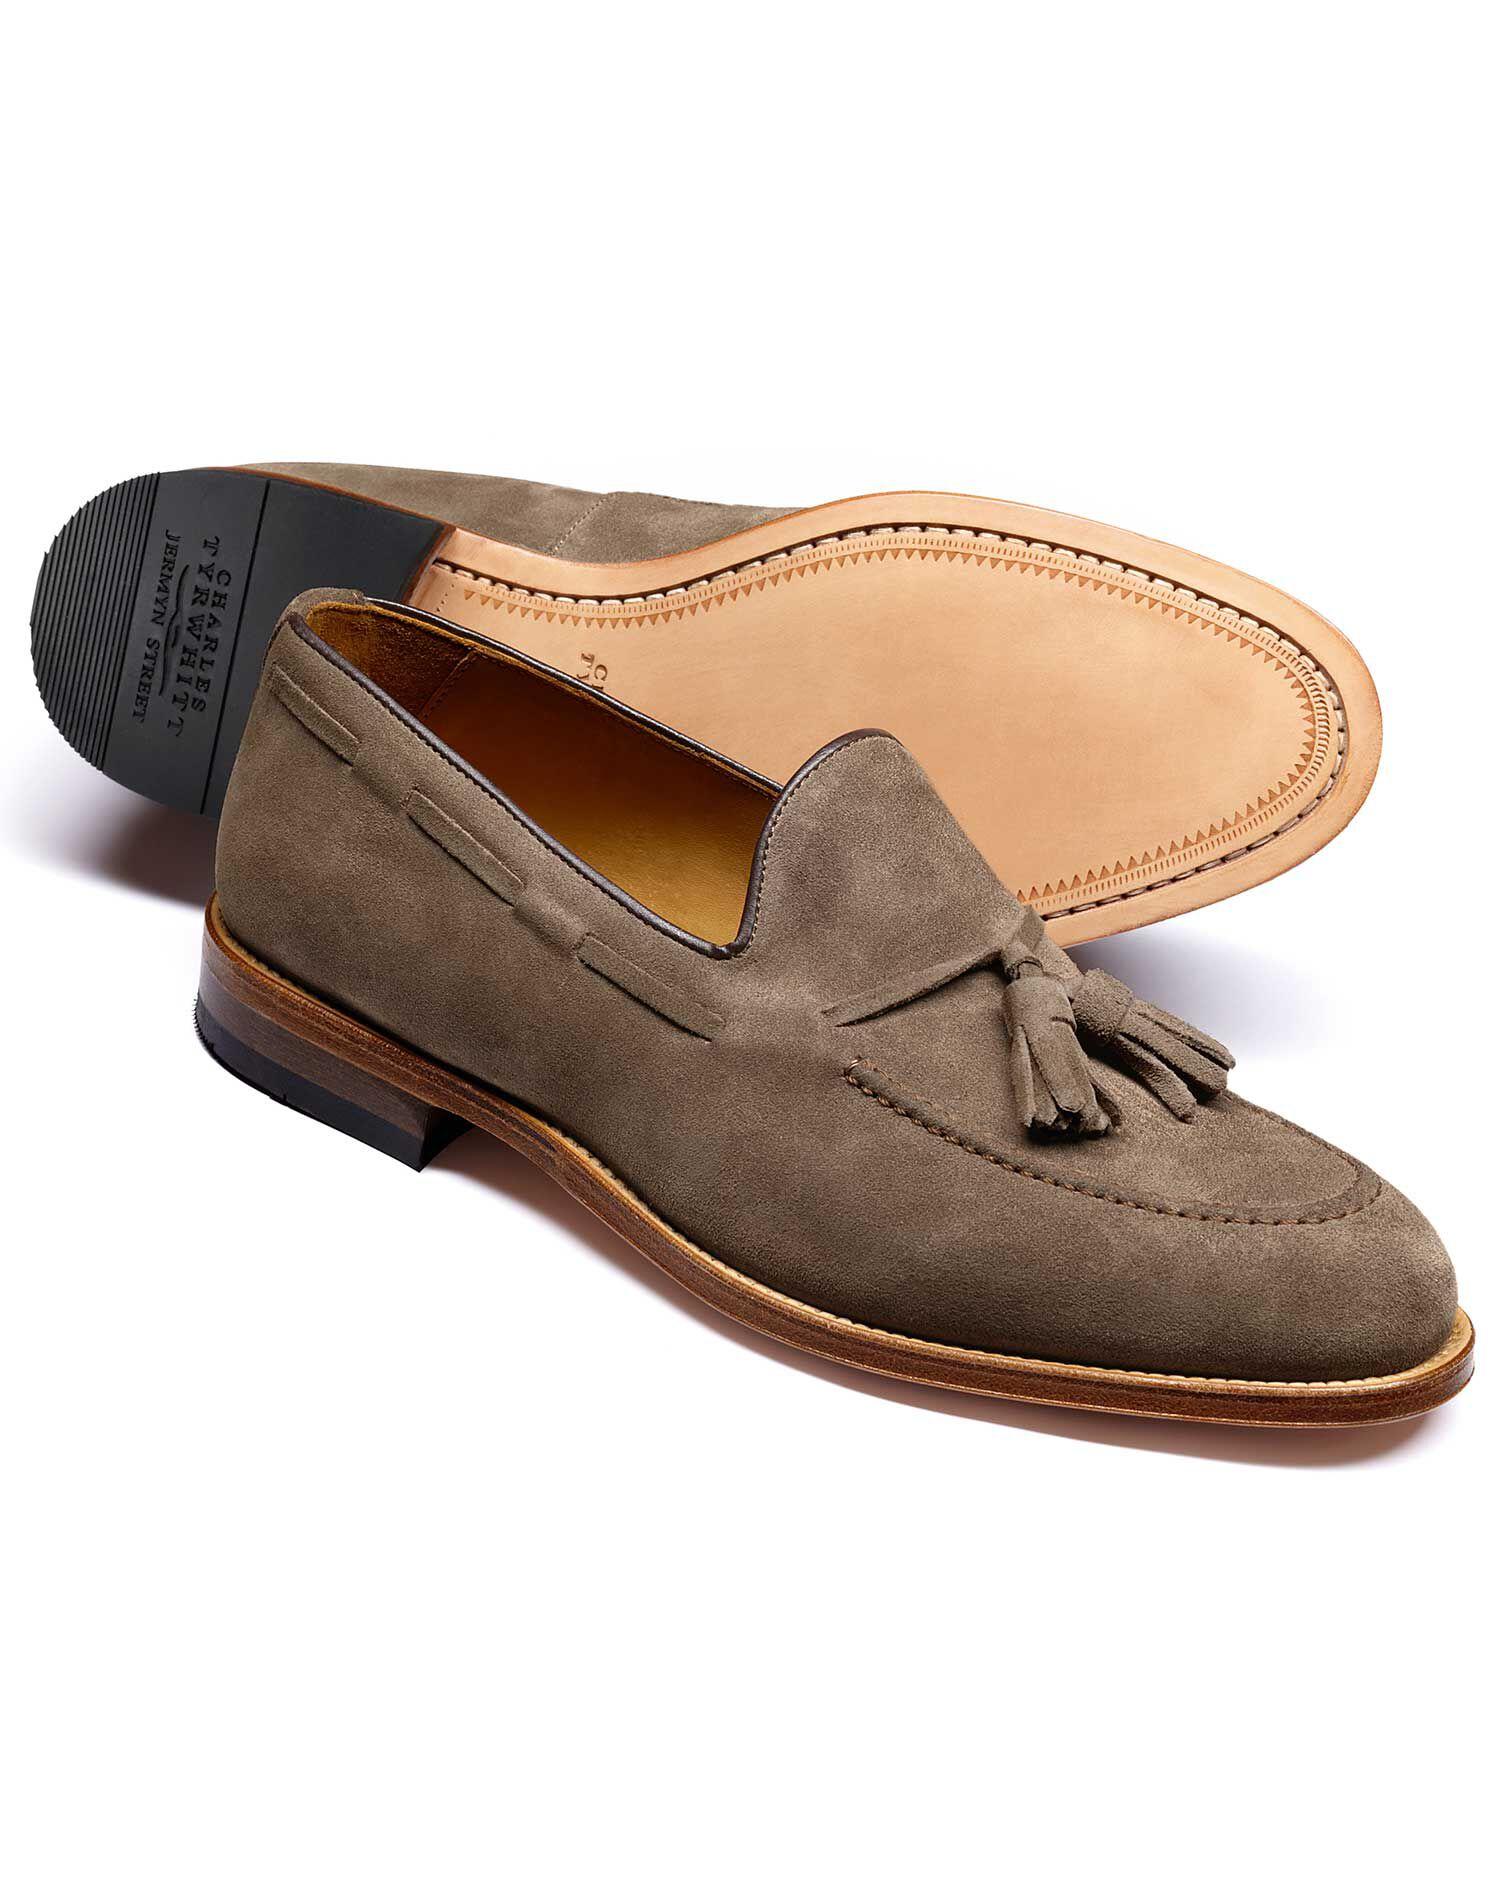 Beige Keybridge Suede Tassel Loafers Size 8 by Charles Tyrwhitt